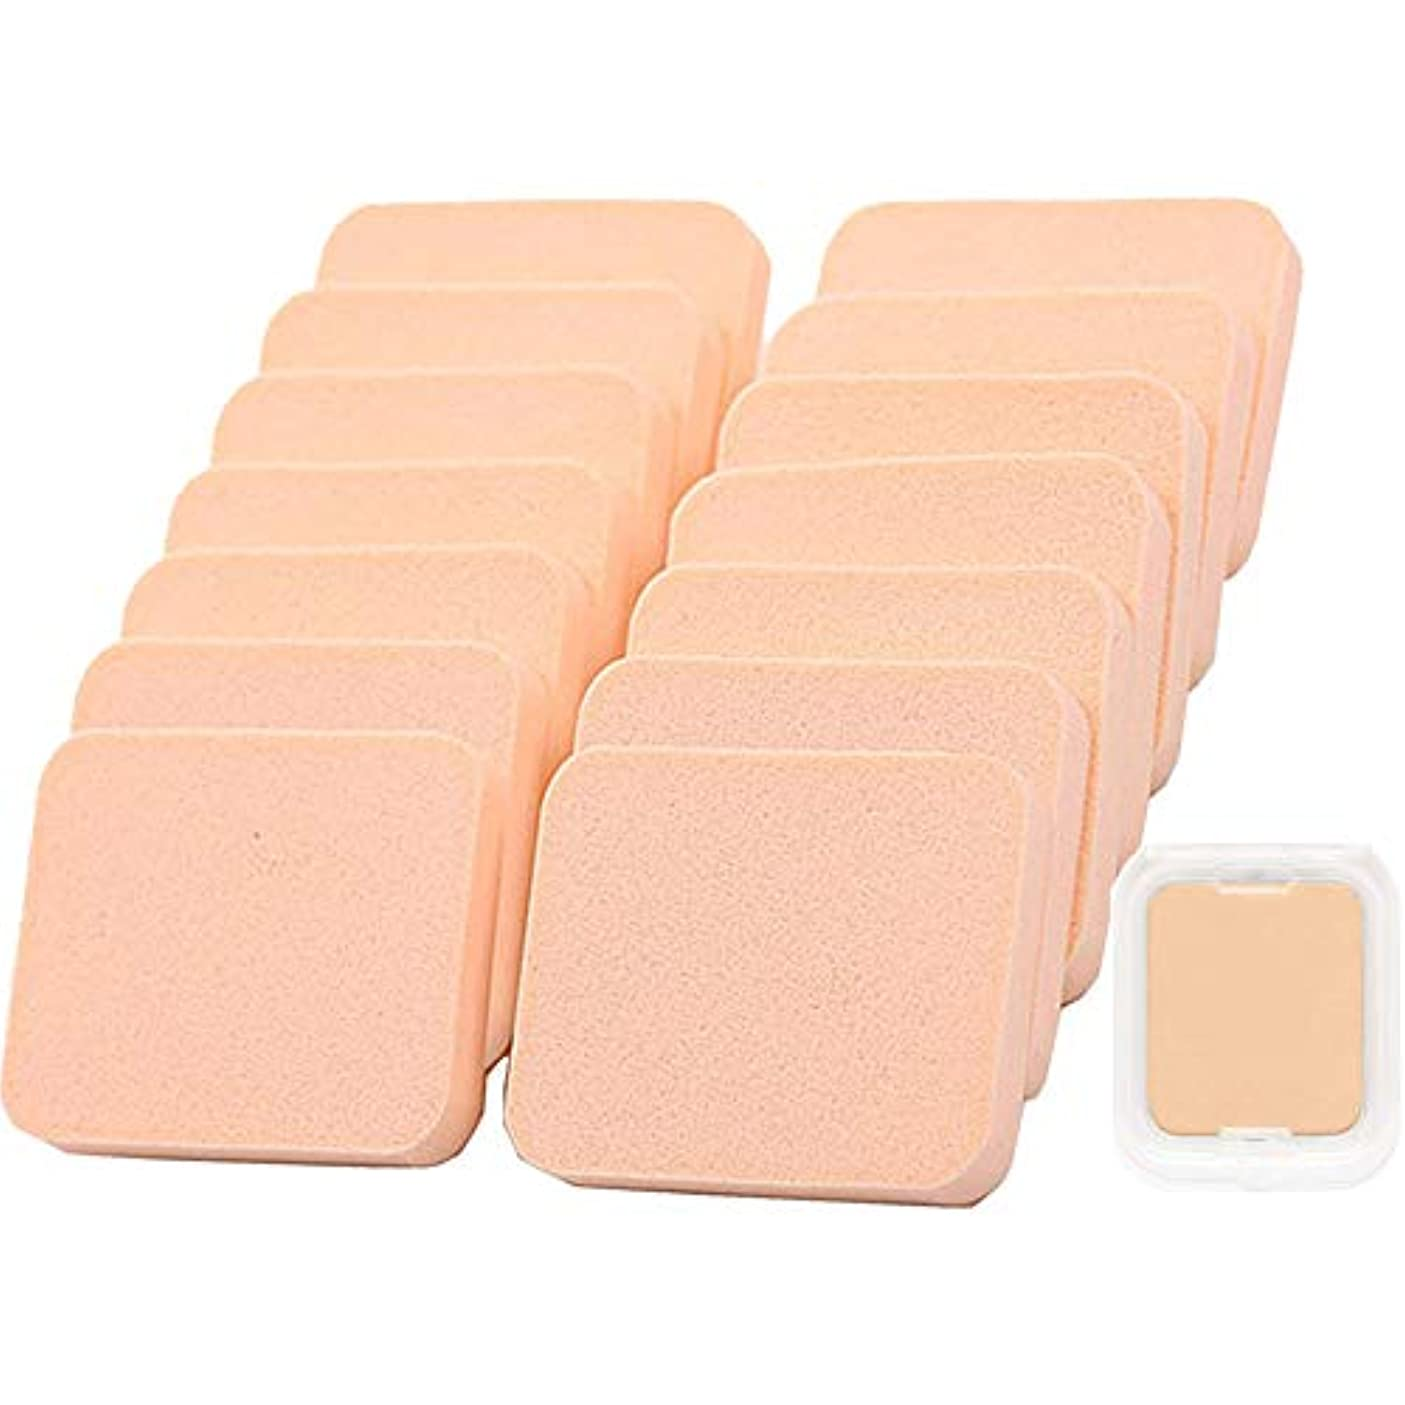 シャープロゴ星エアパフ Butokal エアクッションパフ クリーム アプリケーター 乾湿兼用 スポンジパフセット フェイシャル 15個入 化粧道具